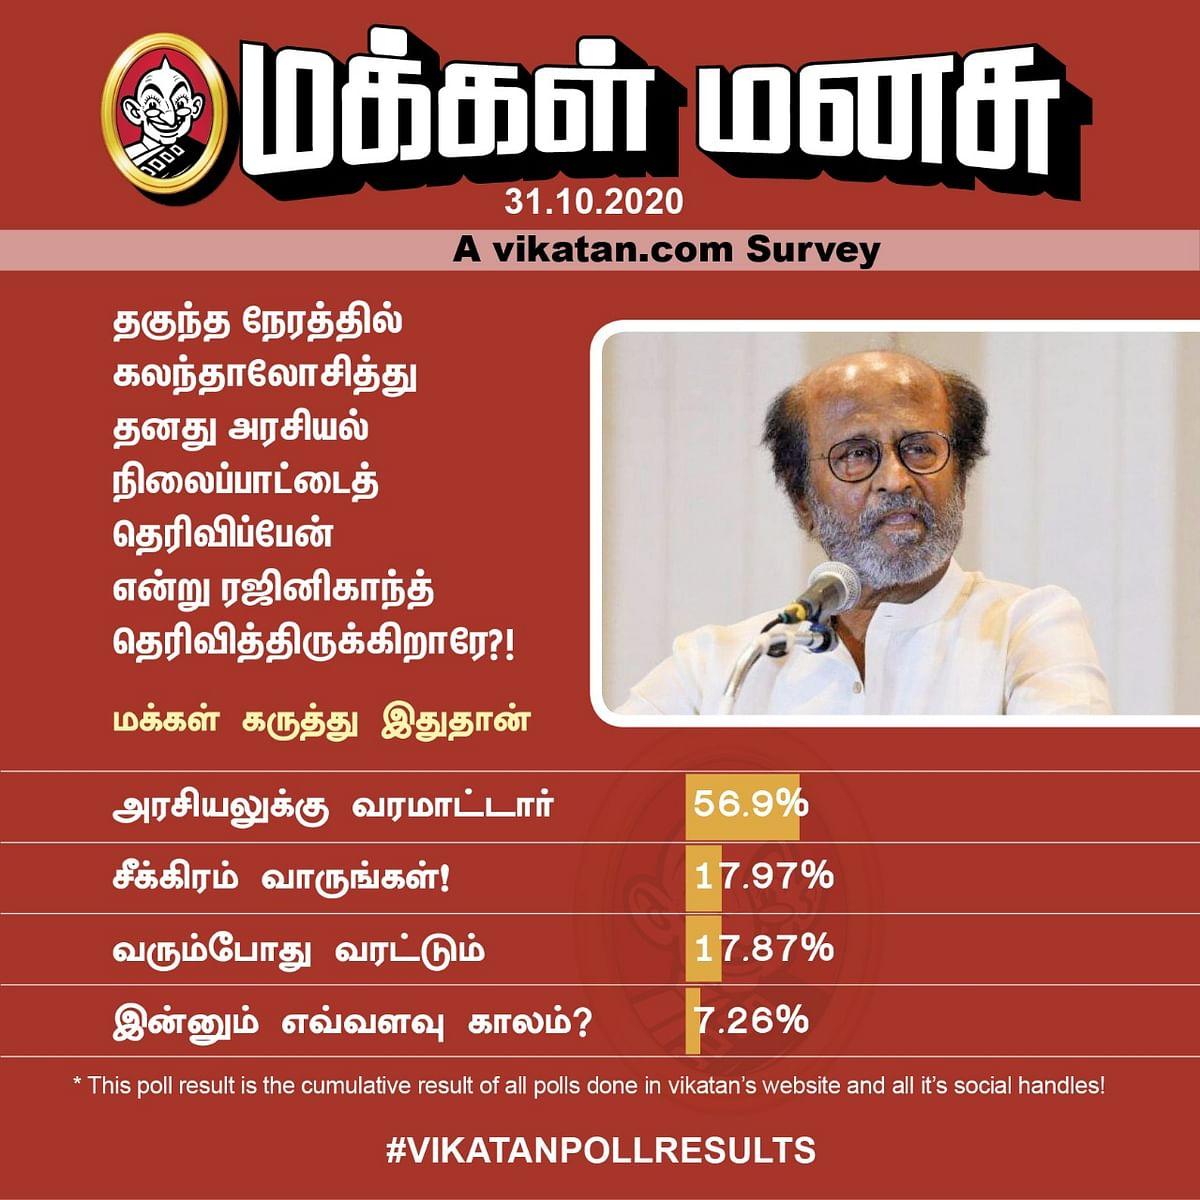 Rajini Politics | Vikatan Poll